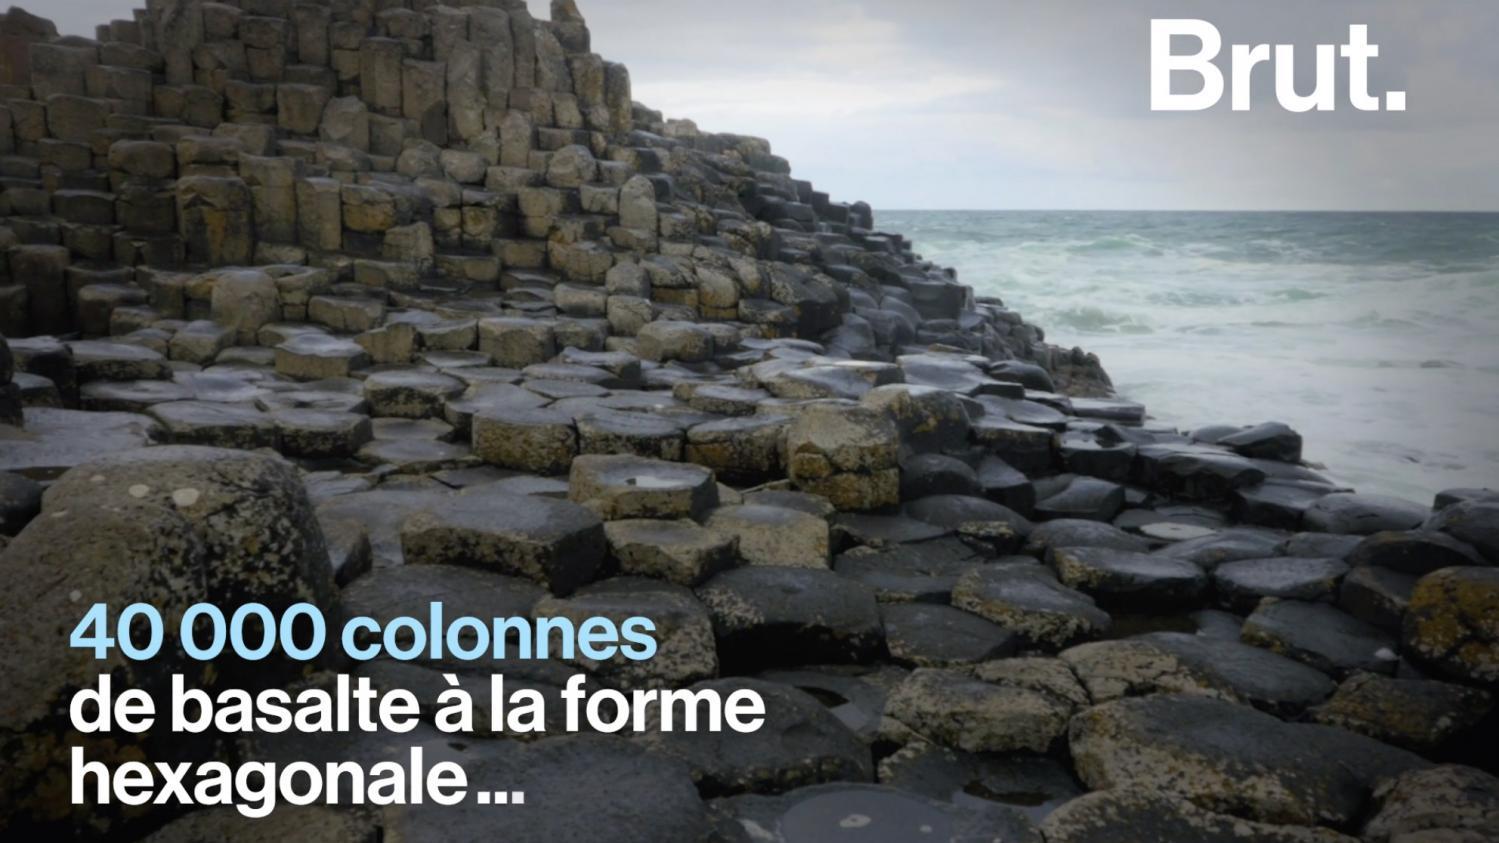 VIDEO. La Chaussée des Géants, une impressionnante curiosité naturelle en Irlande du Nord